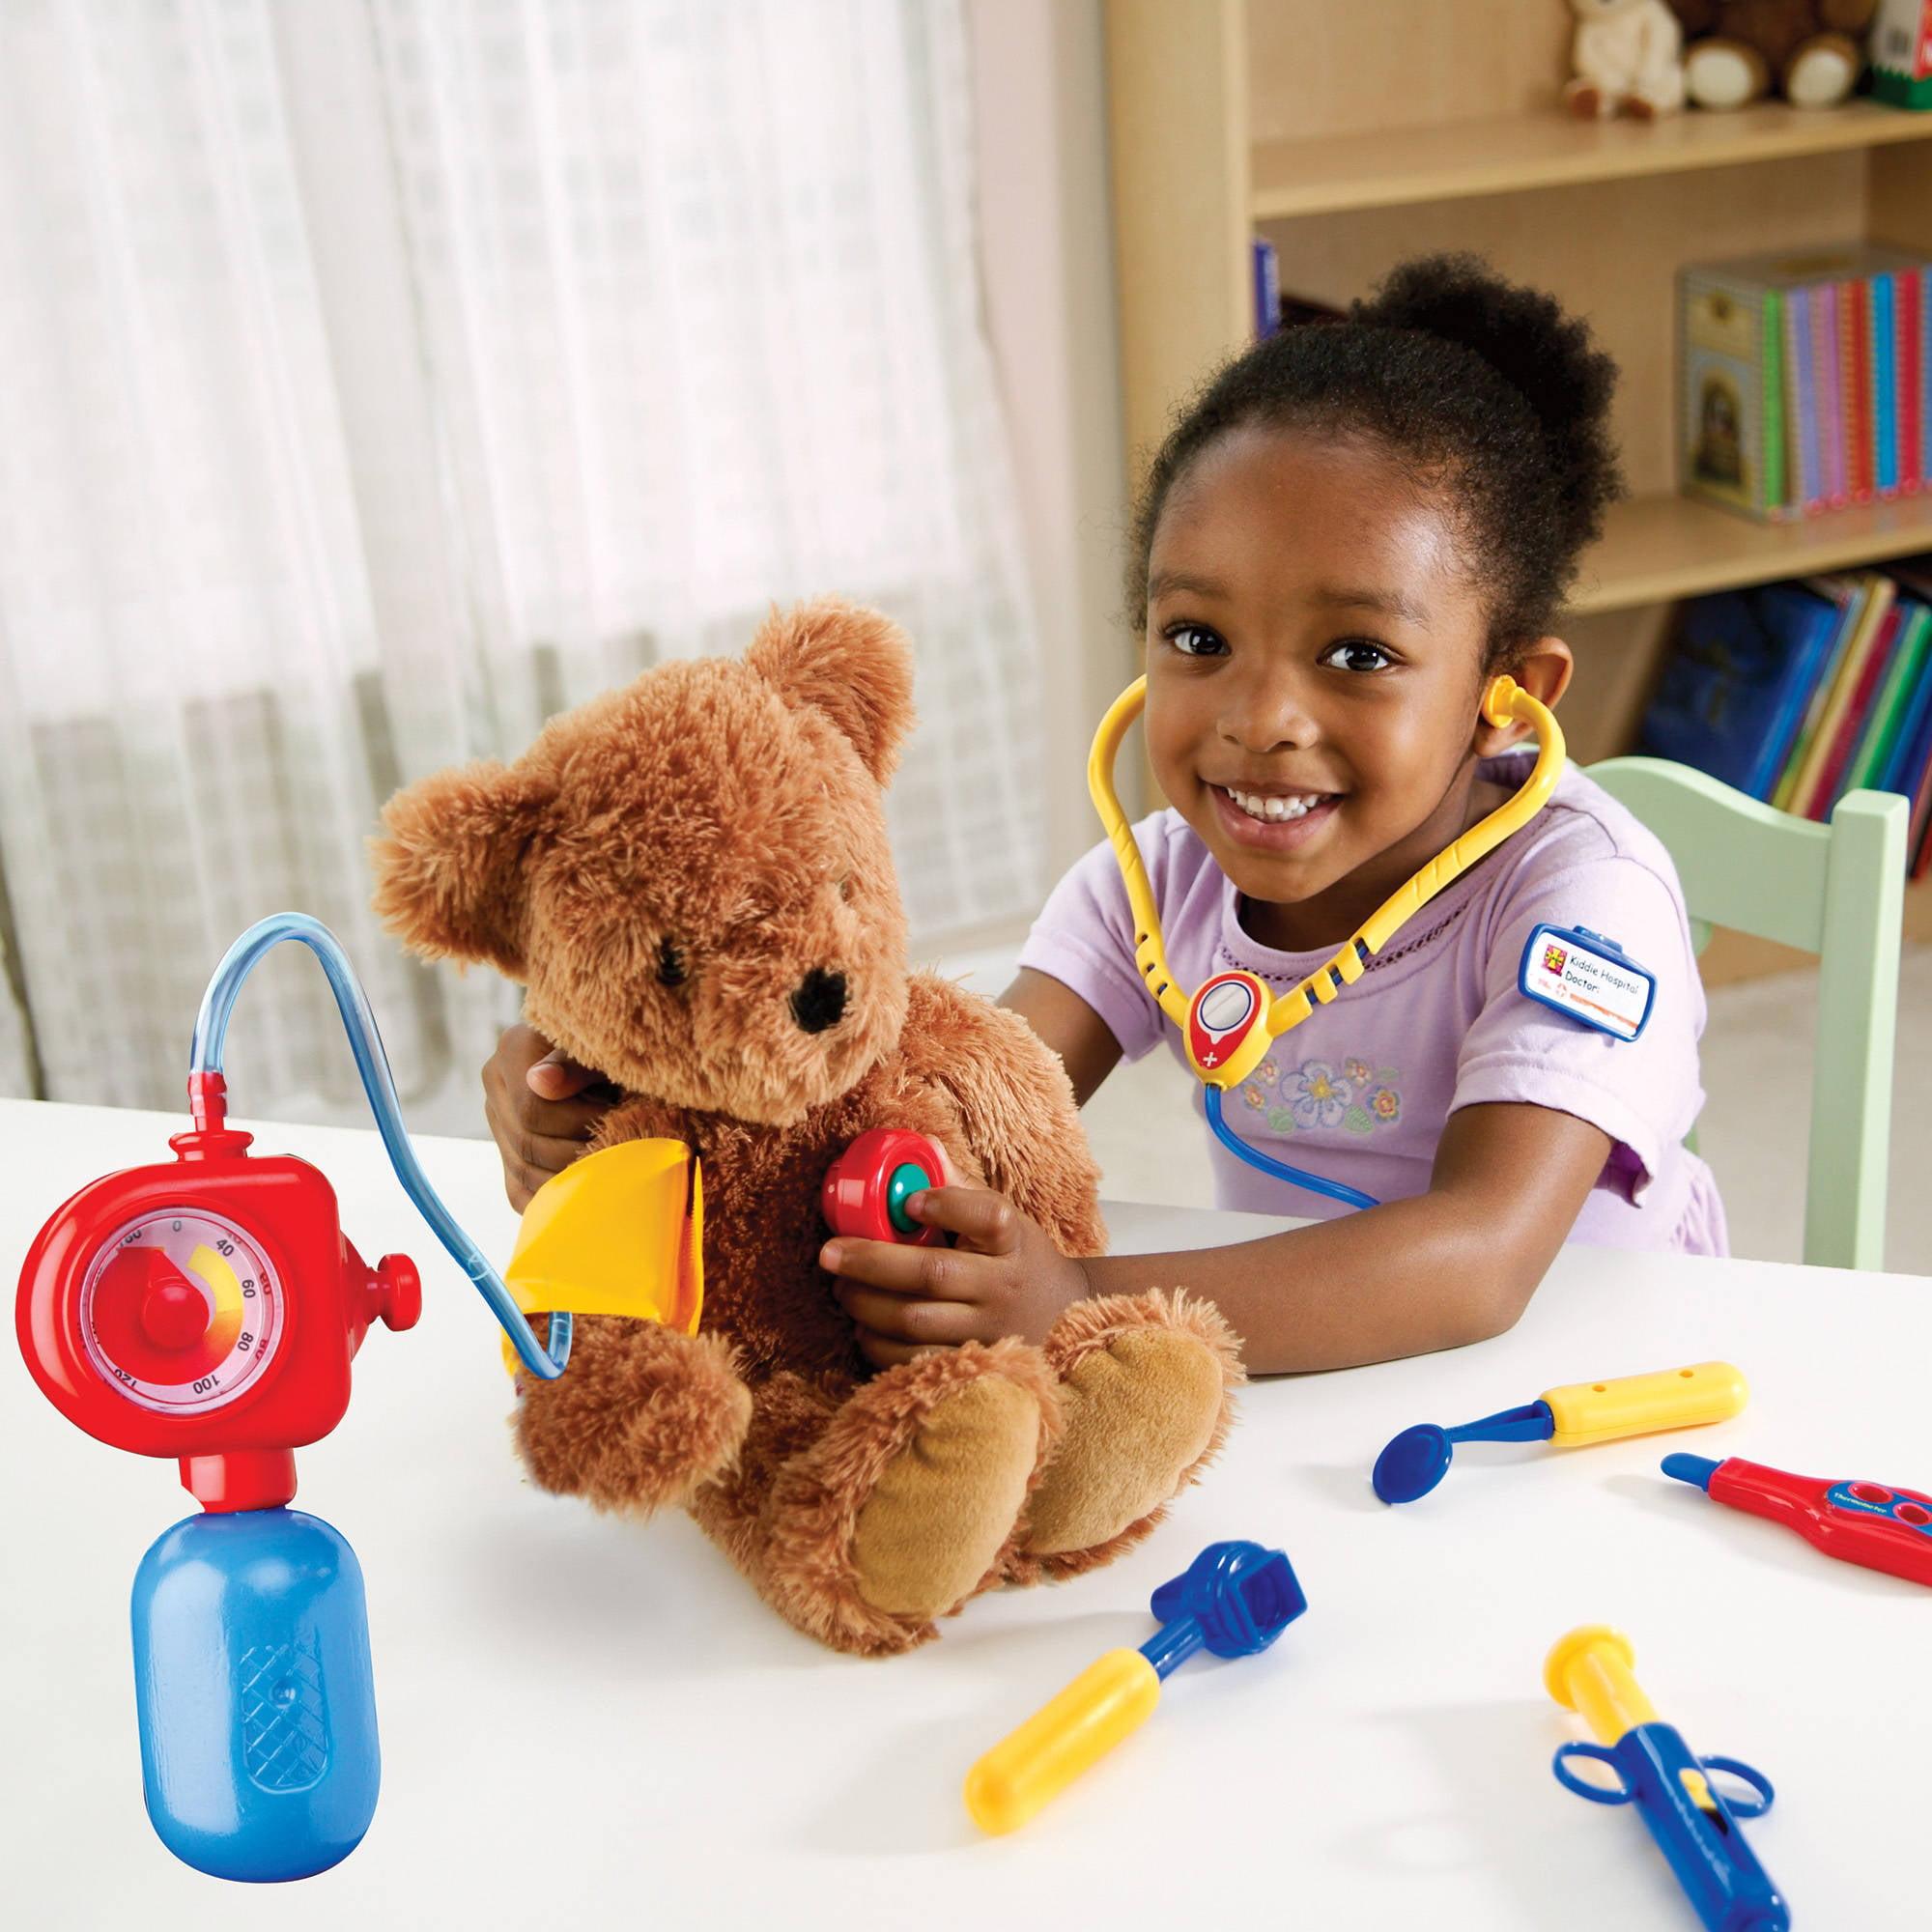 Resultado de imagen para kids playing doctor